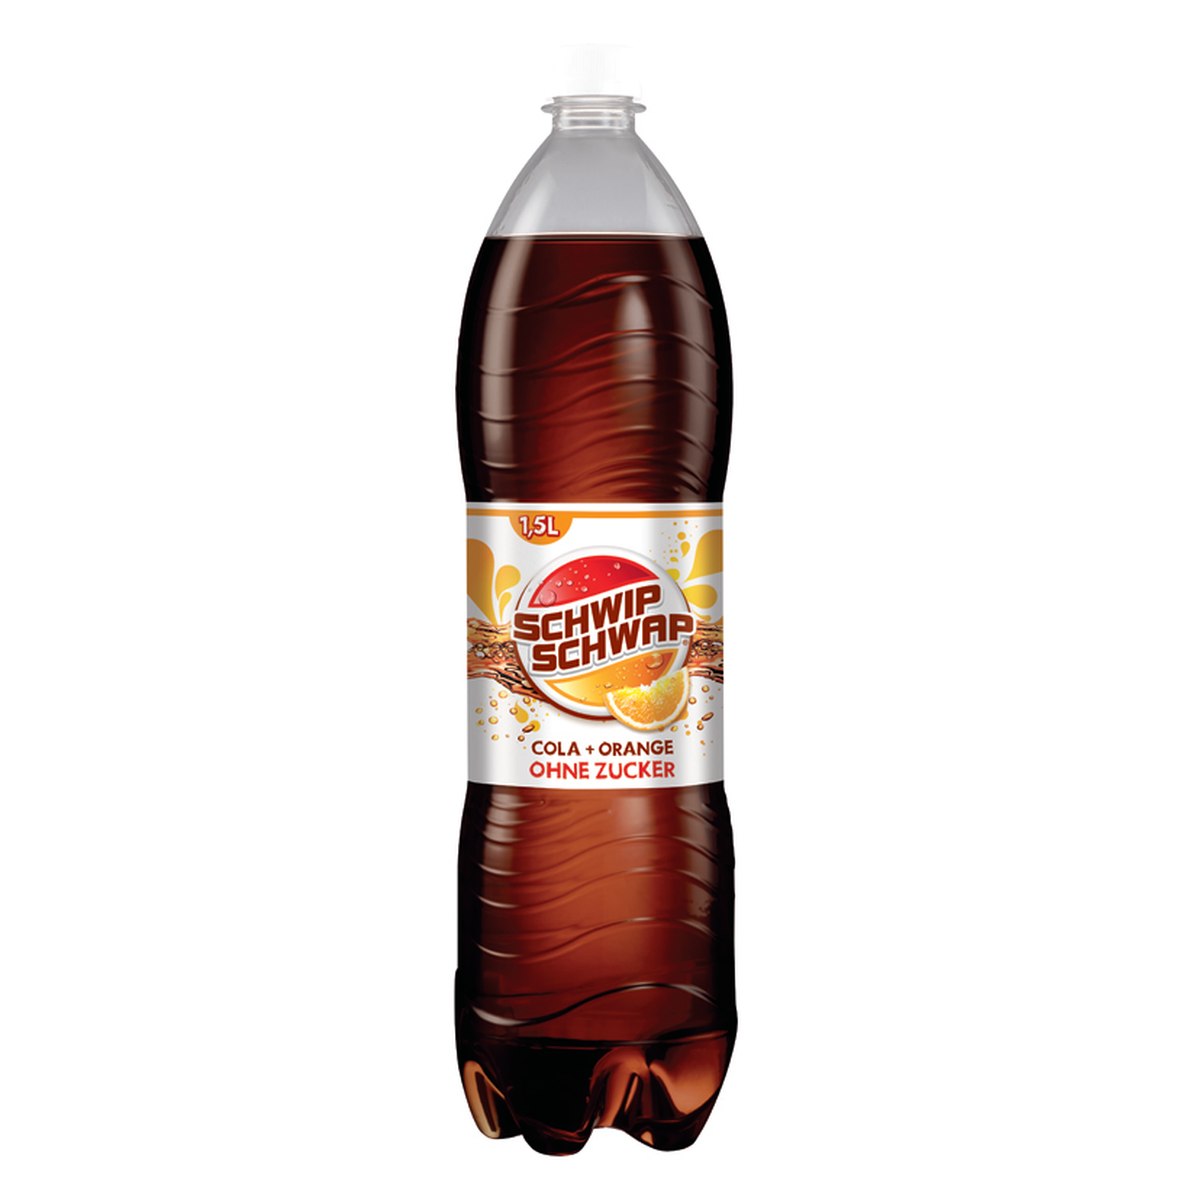 Schwip Schwap ohne Zucker 1,5l | Cola, Limonaden & Co | Alkoholfreie ...